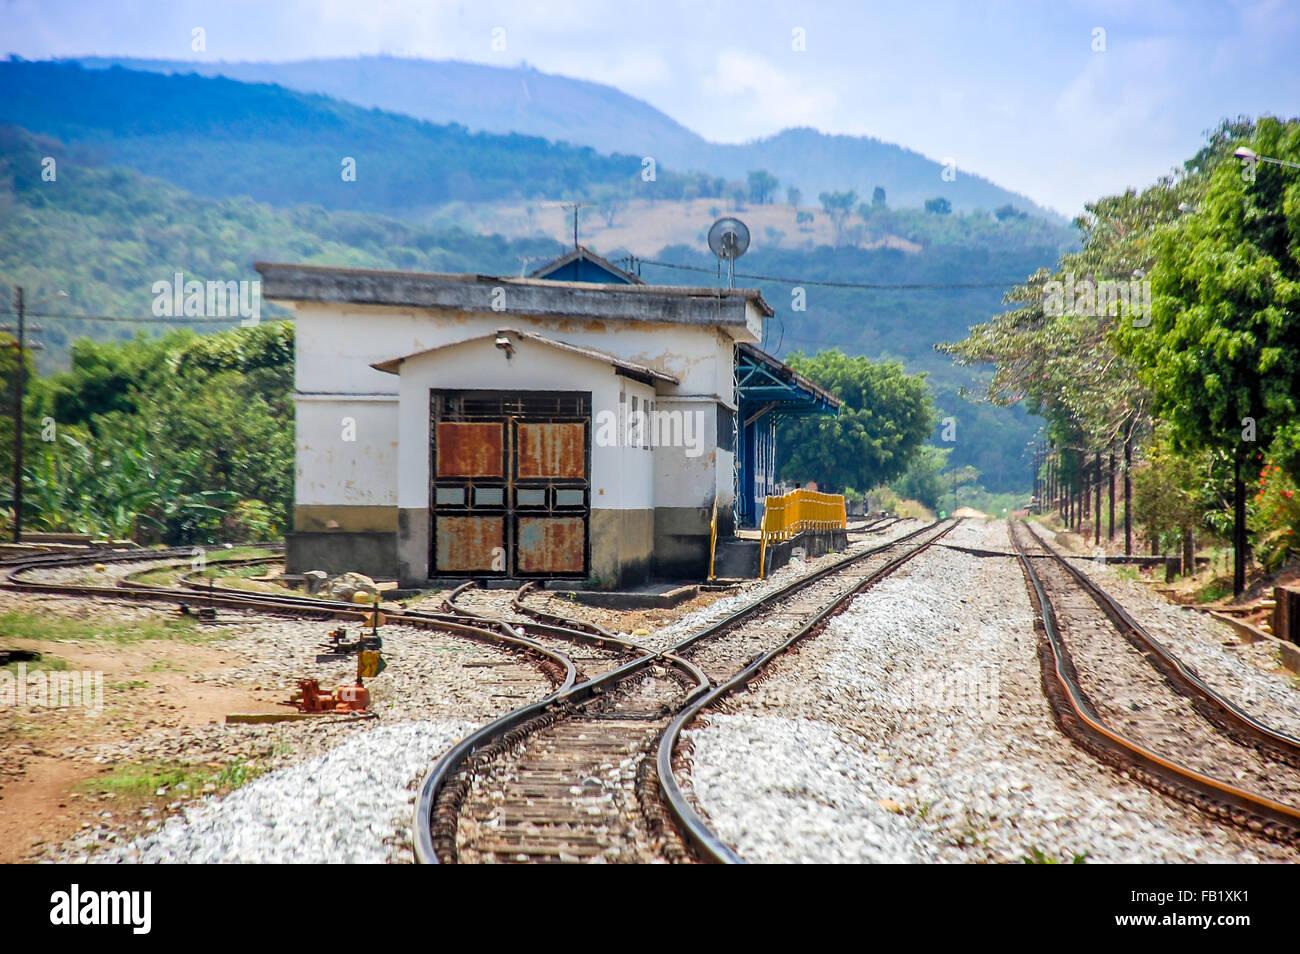 Viaje brasileño.Estación de ferrocarril en el lado del país de Minas Gerais, Brasil. Foto de stock